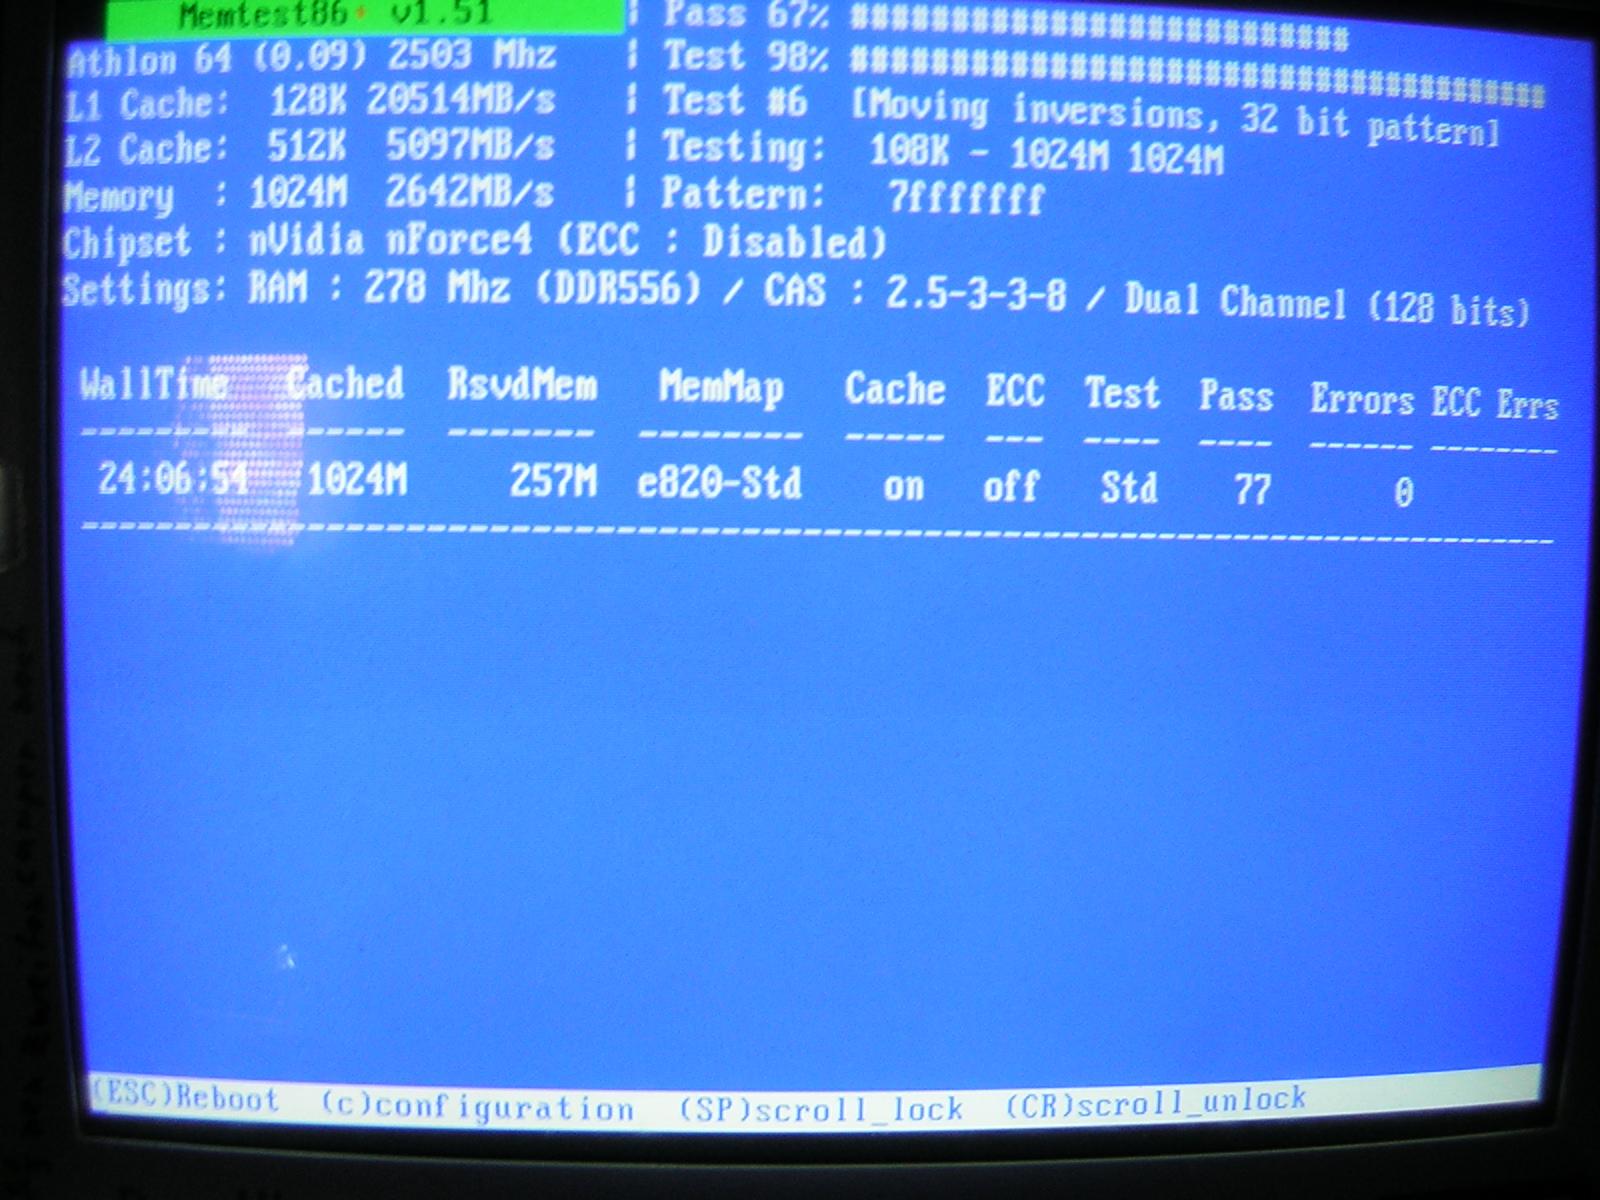 A-Data DDR566@278Mhz 2,5-3-3-8.JPG